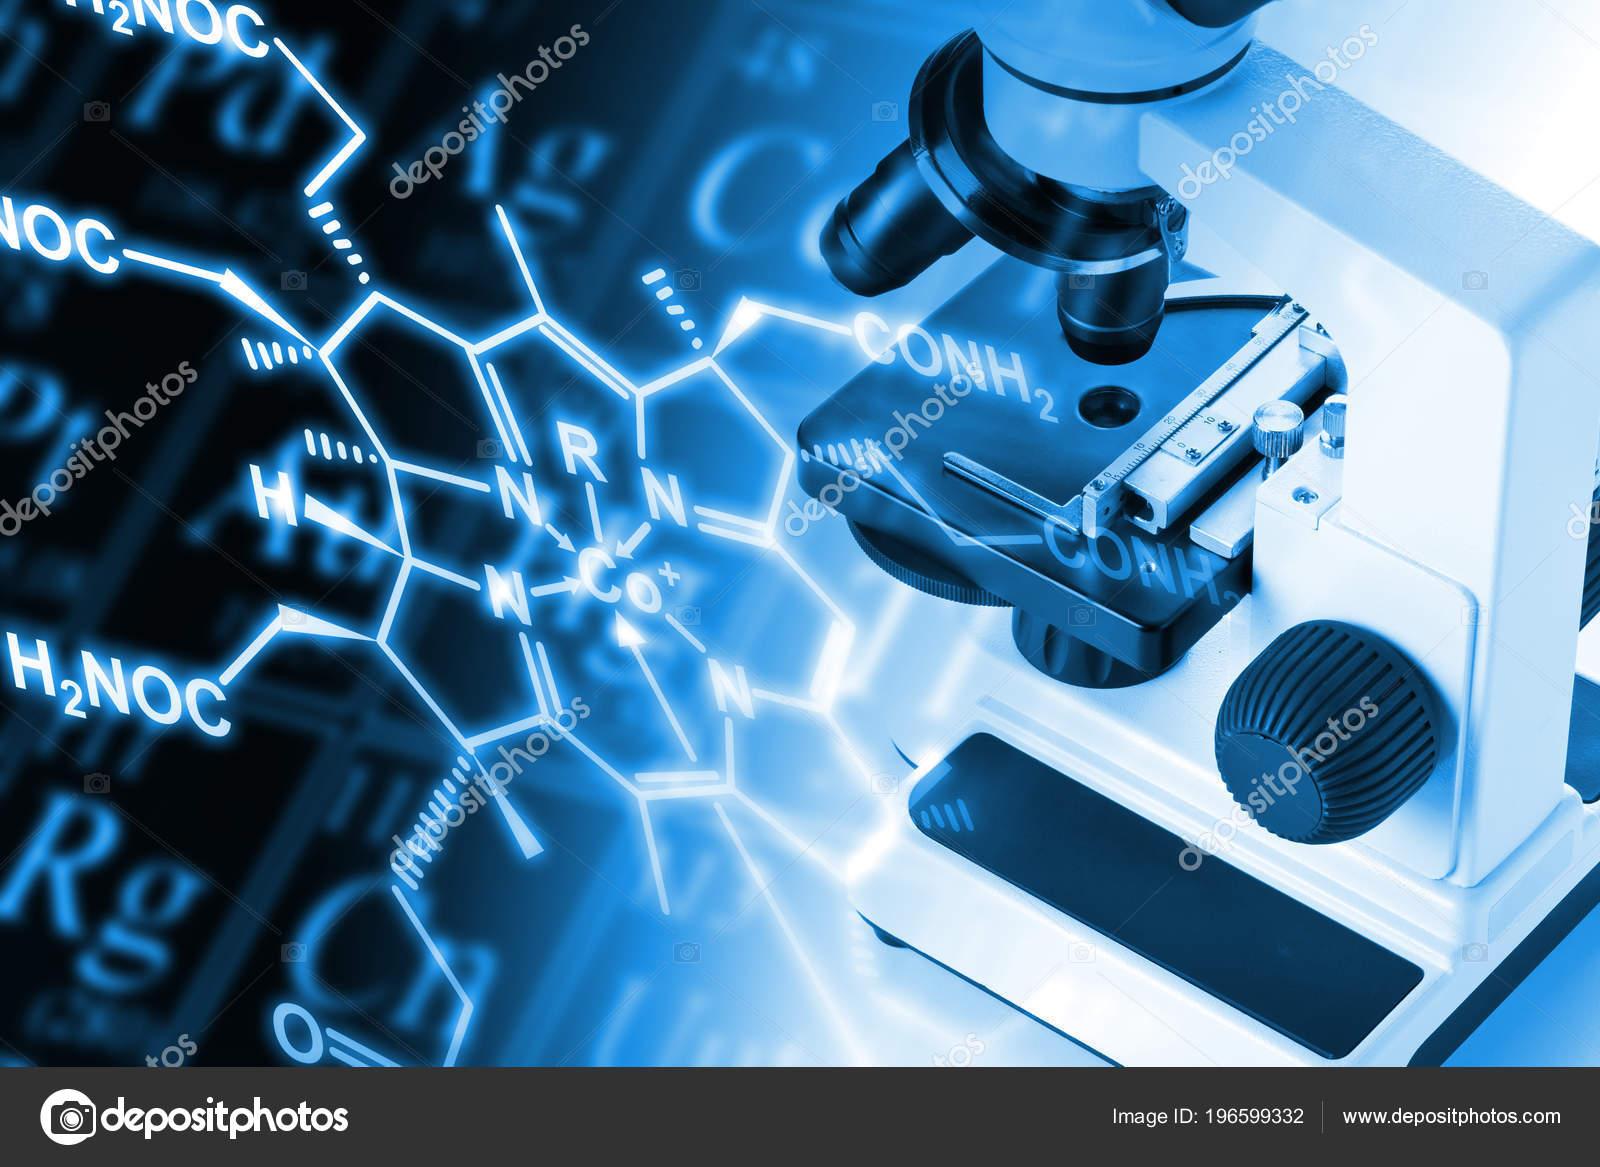 Microscopio investigacin con frmula estructural molcula tabla microscopio investigacin con frmula estructural molcula tabla peridica elementos azul fotos de stock urtaz Choice Image